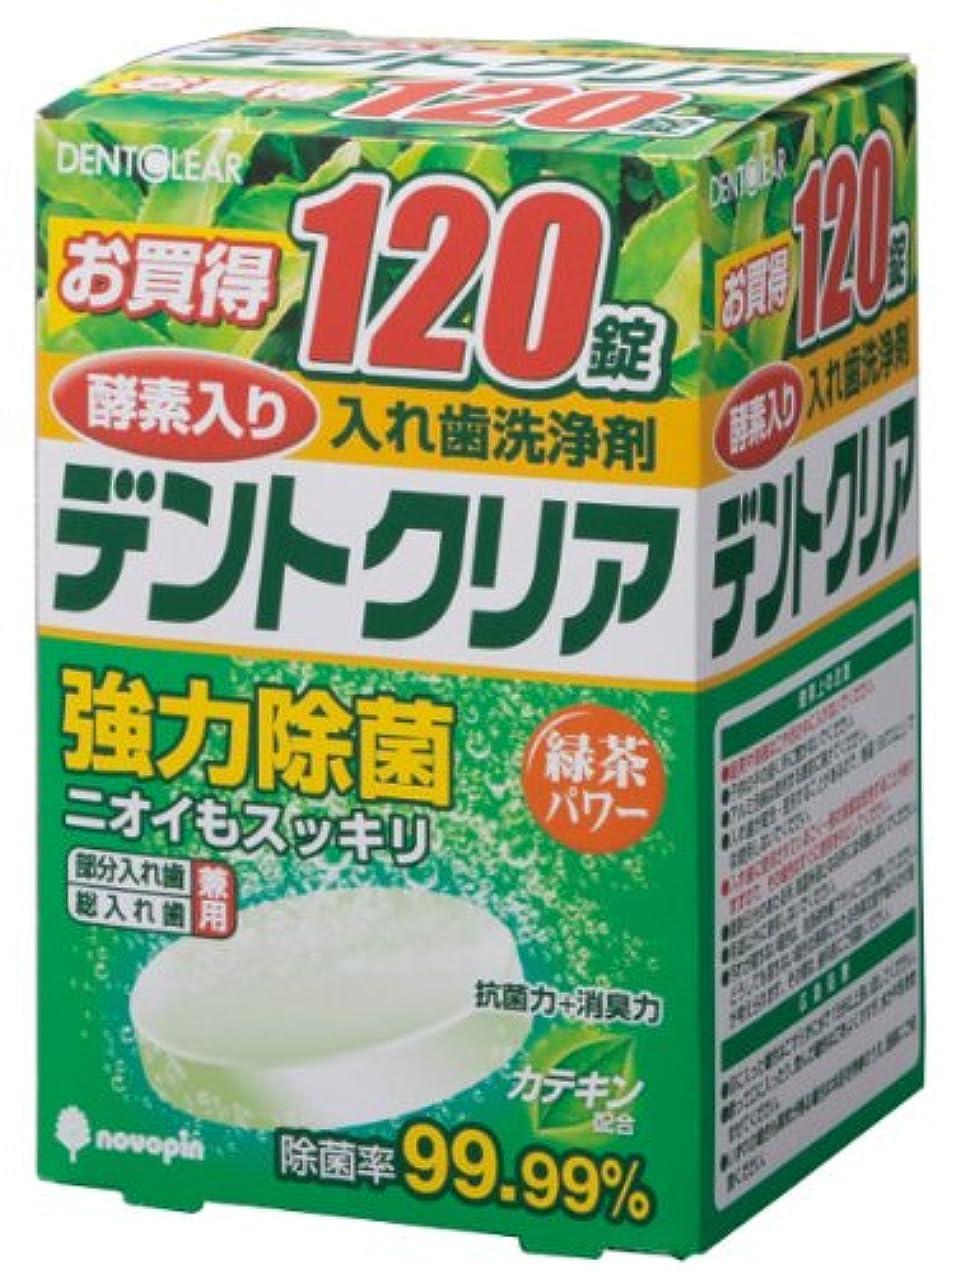 植生ブッシュプロペラ紀陽除虫菊 入れ歯洗浄剤 (酵素入り) デントクリア 緑茶パワー (部分入れ歯 総入れ歯兼用) 120錠入